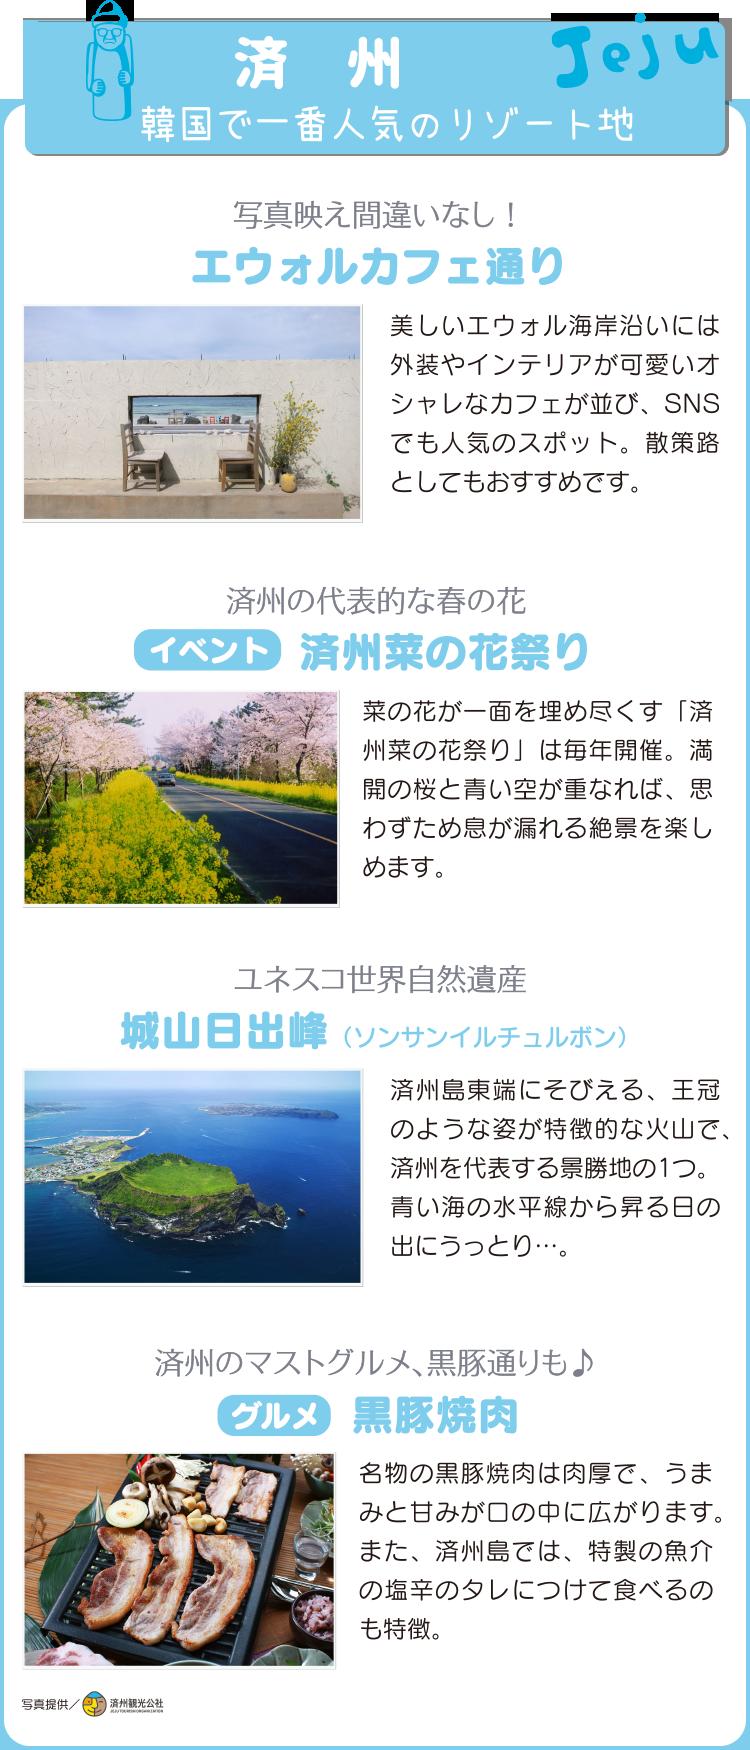 済州の穴場スポット